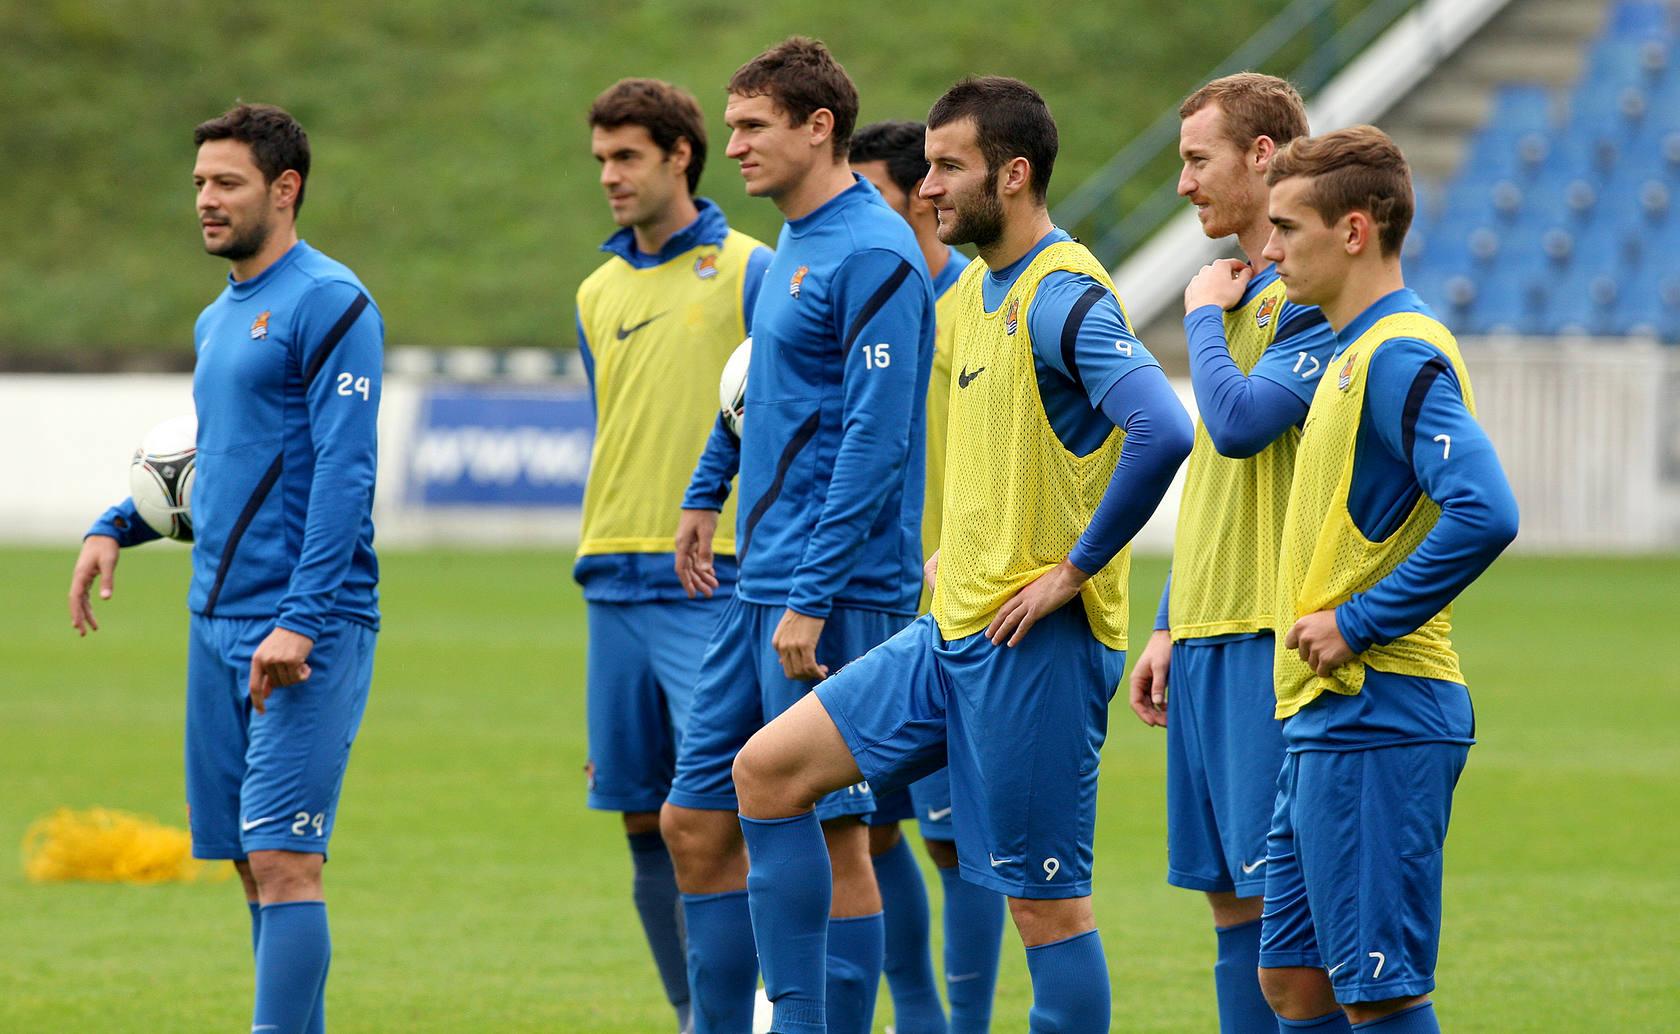 La Real prepara los penaltis para el partido de Copa